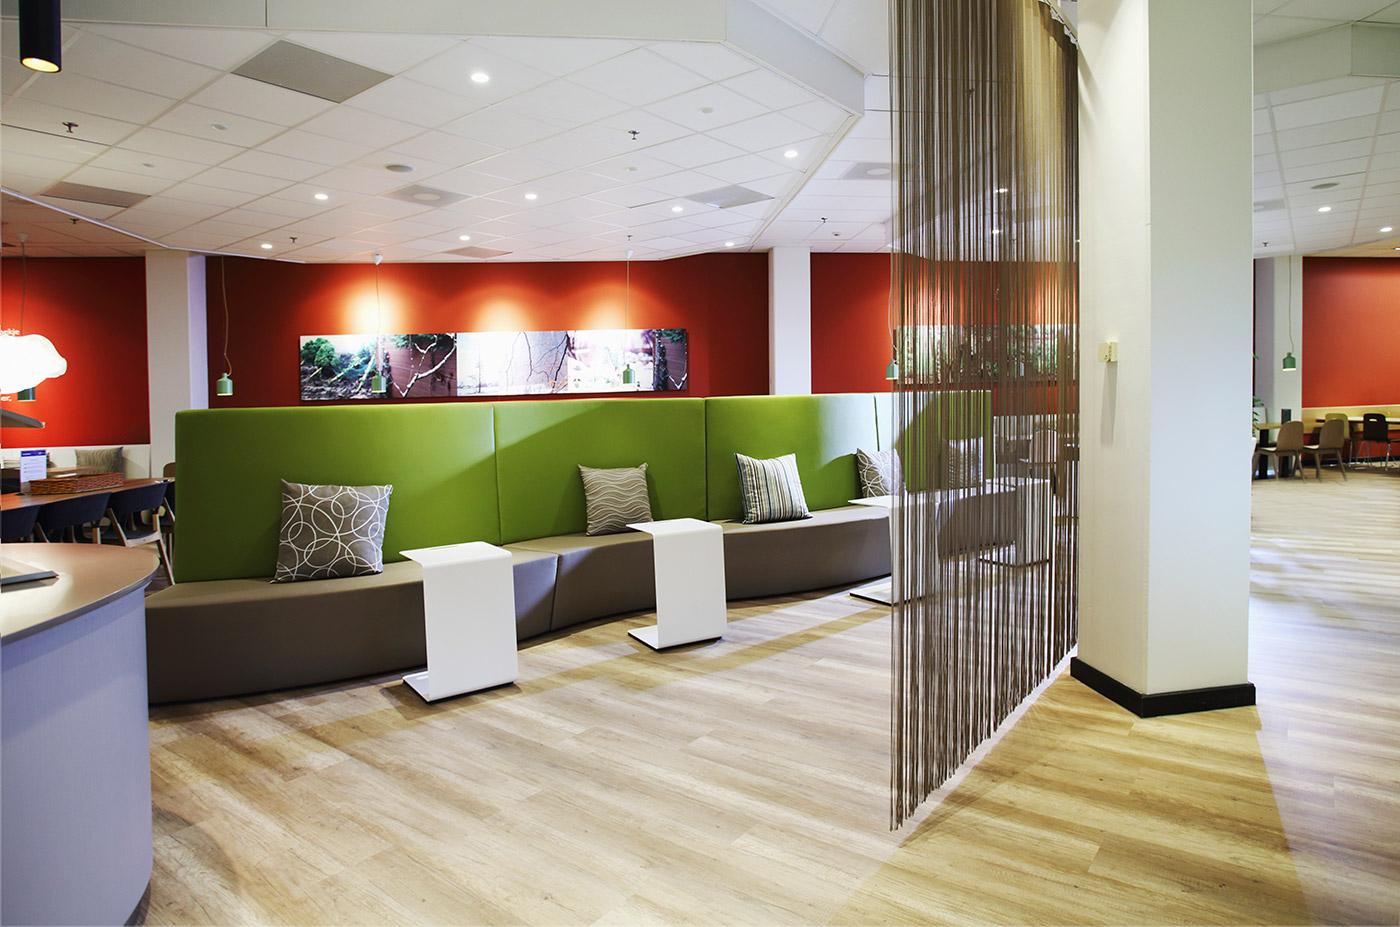 Werbefotografie aus bielefeld barbara meinhardt fotodesign for Interior design bielefeld